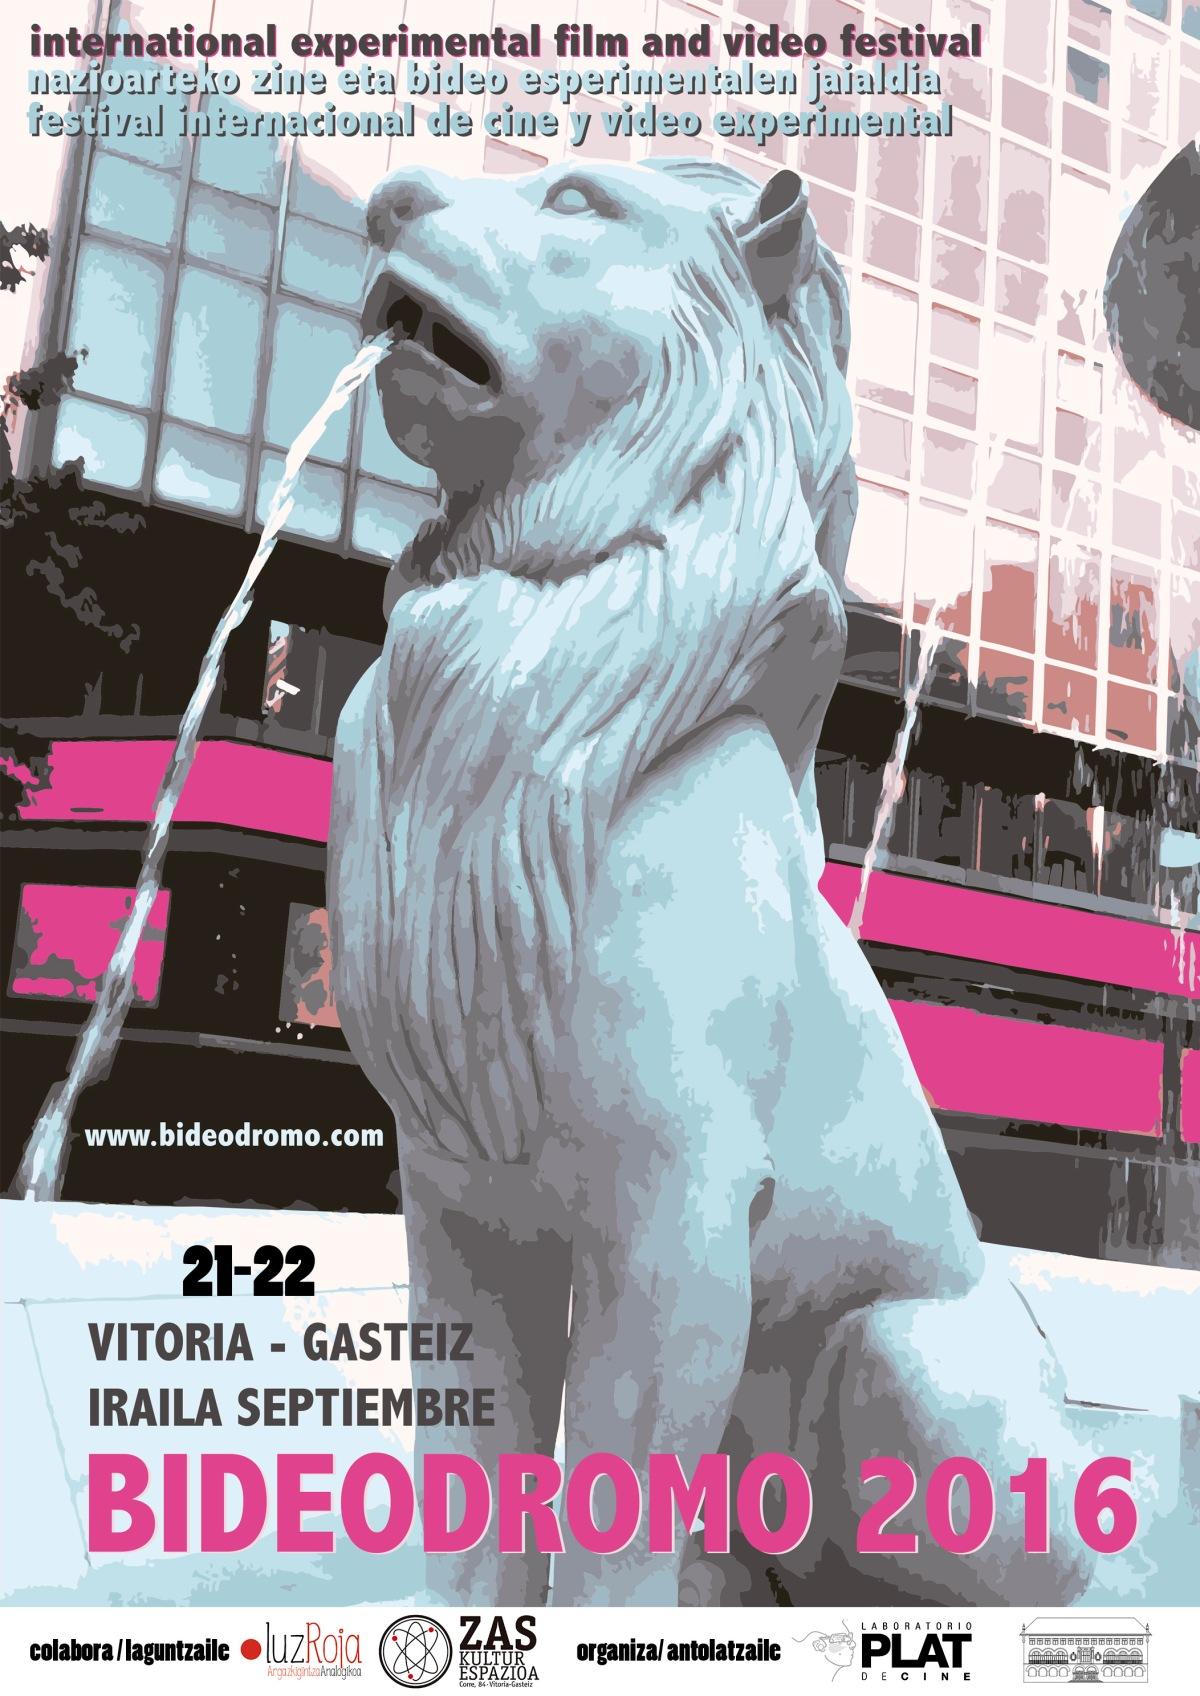 Bideodromo 2016/Festival de cine y vídeoexperimental.